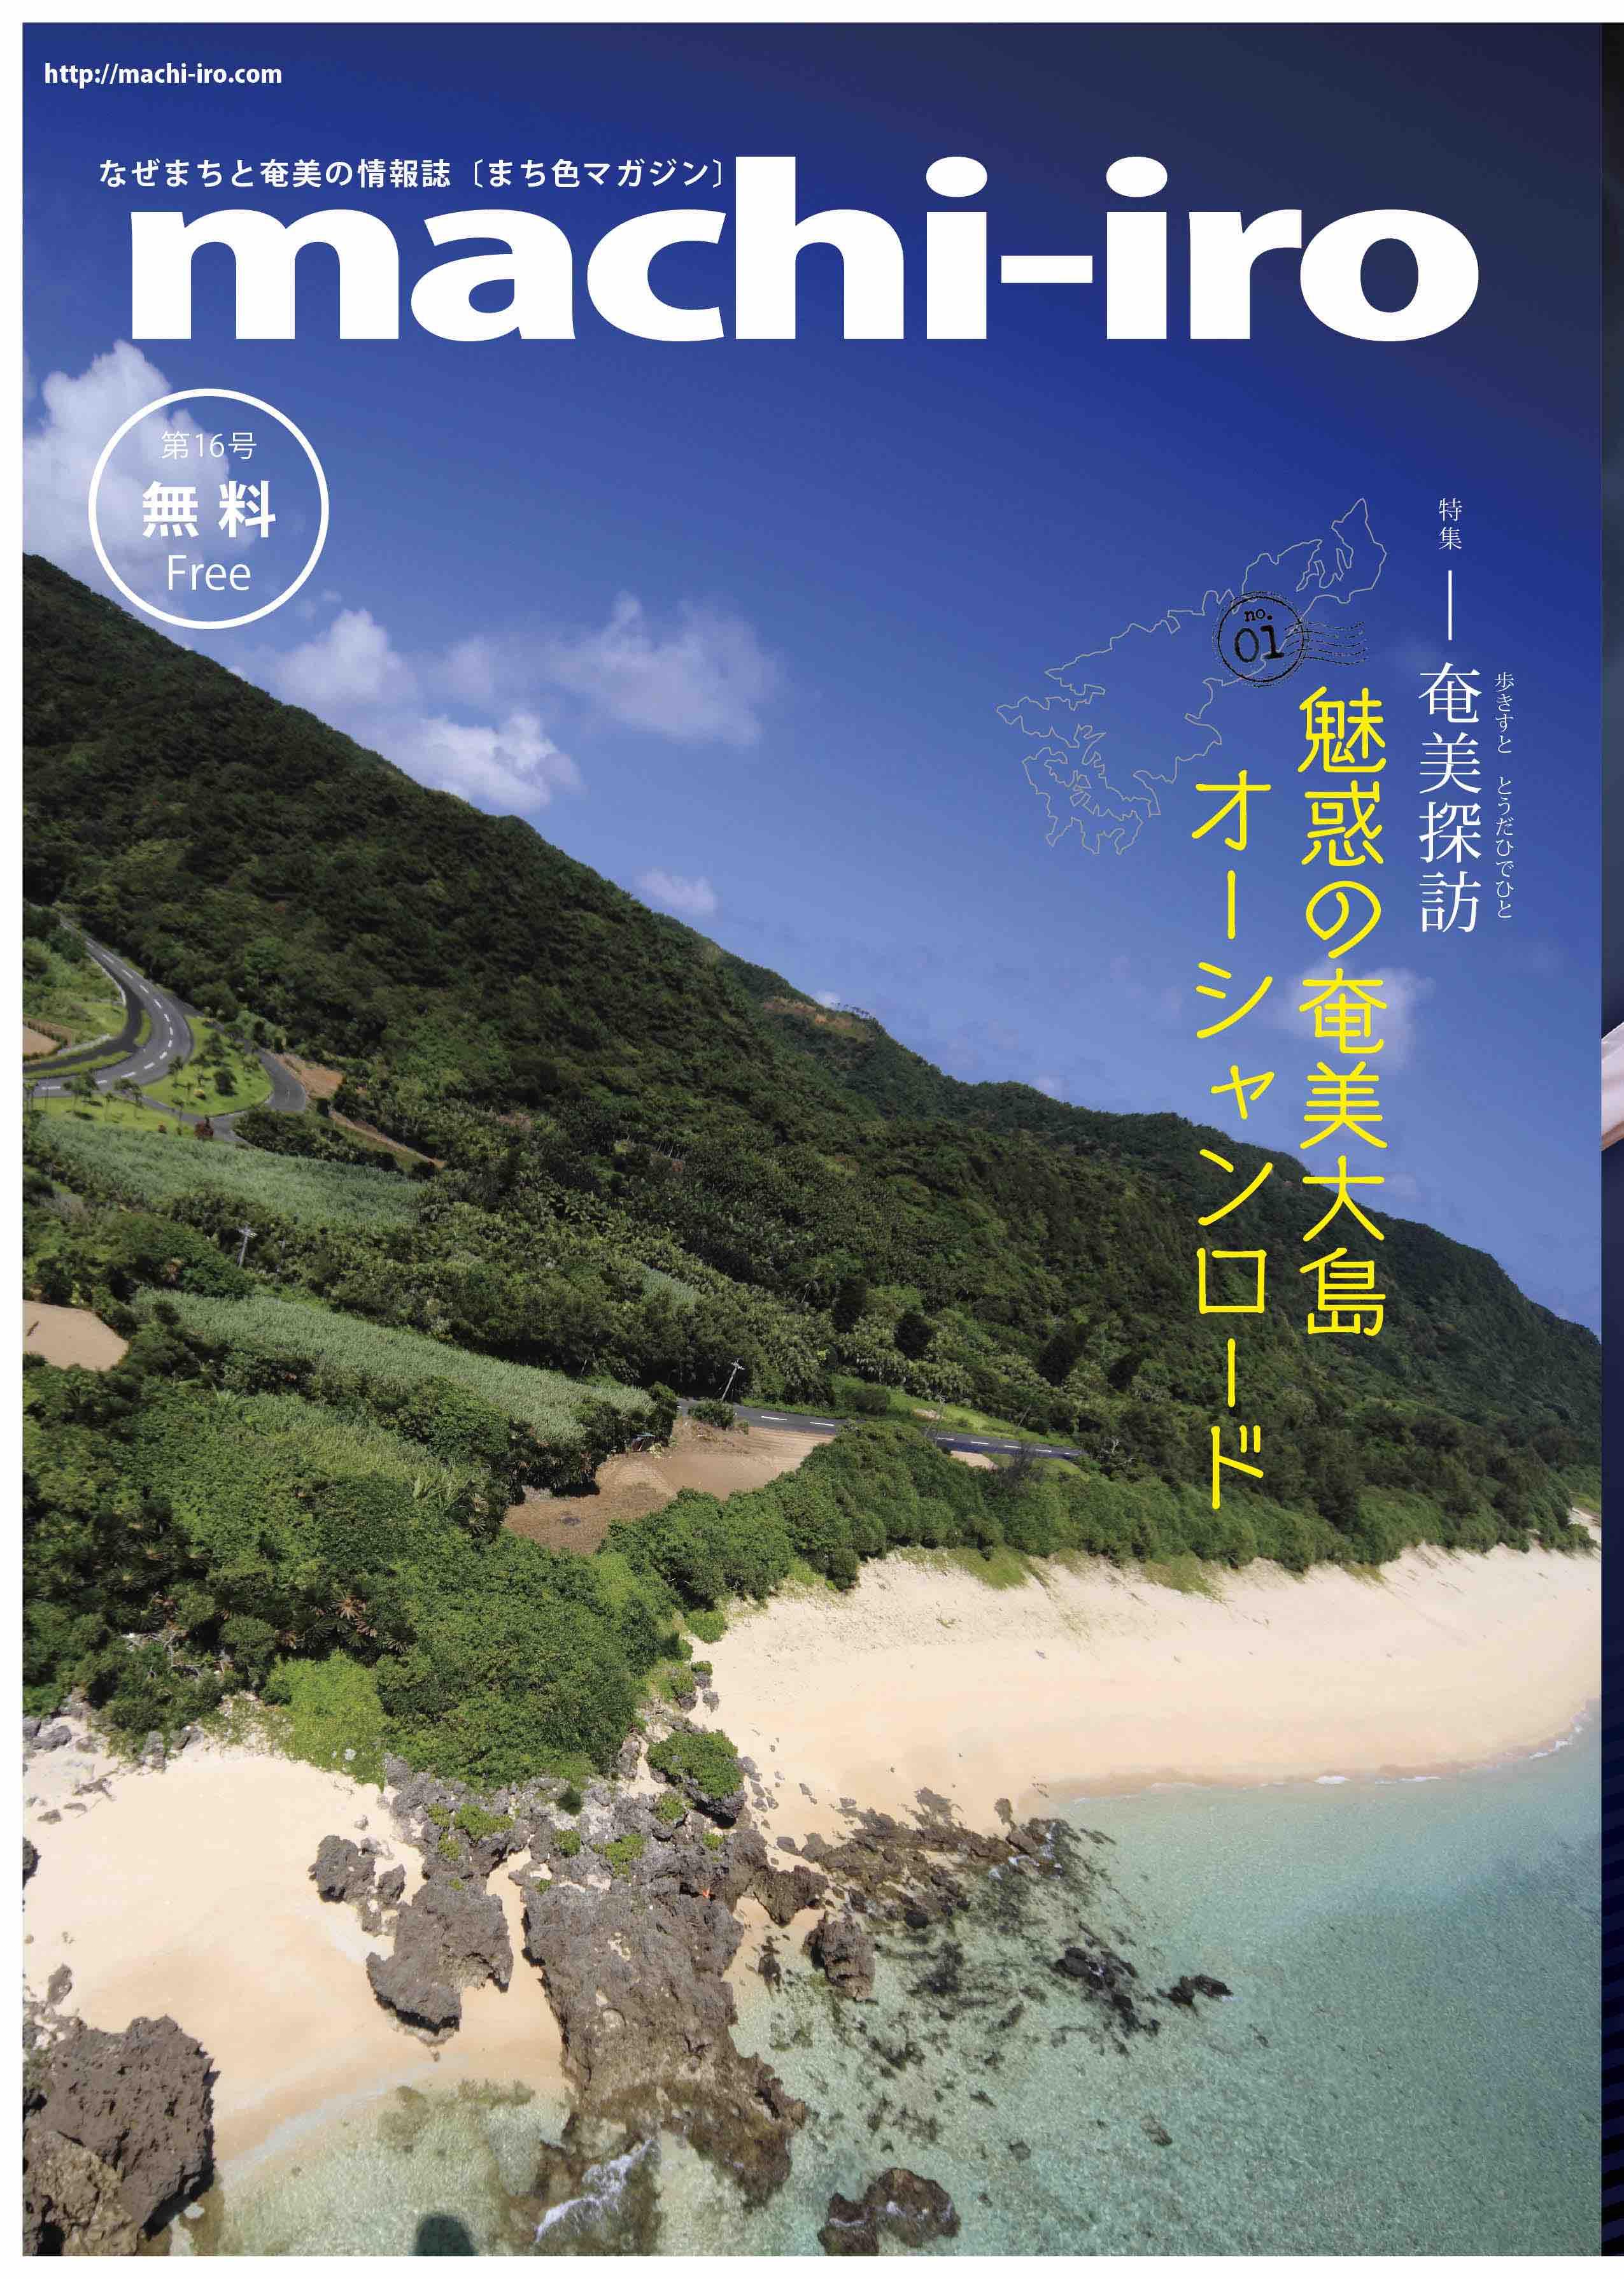 machi-iro magazine #16